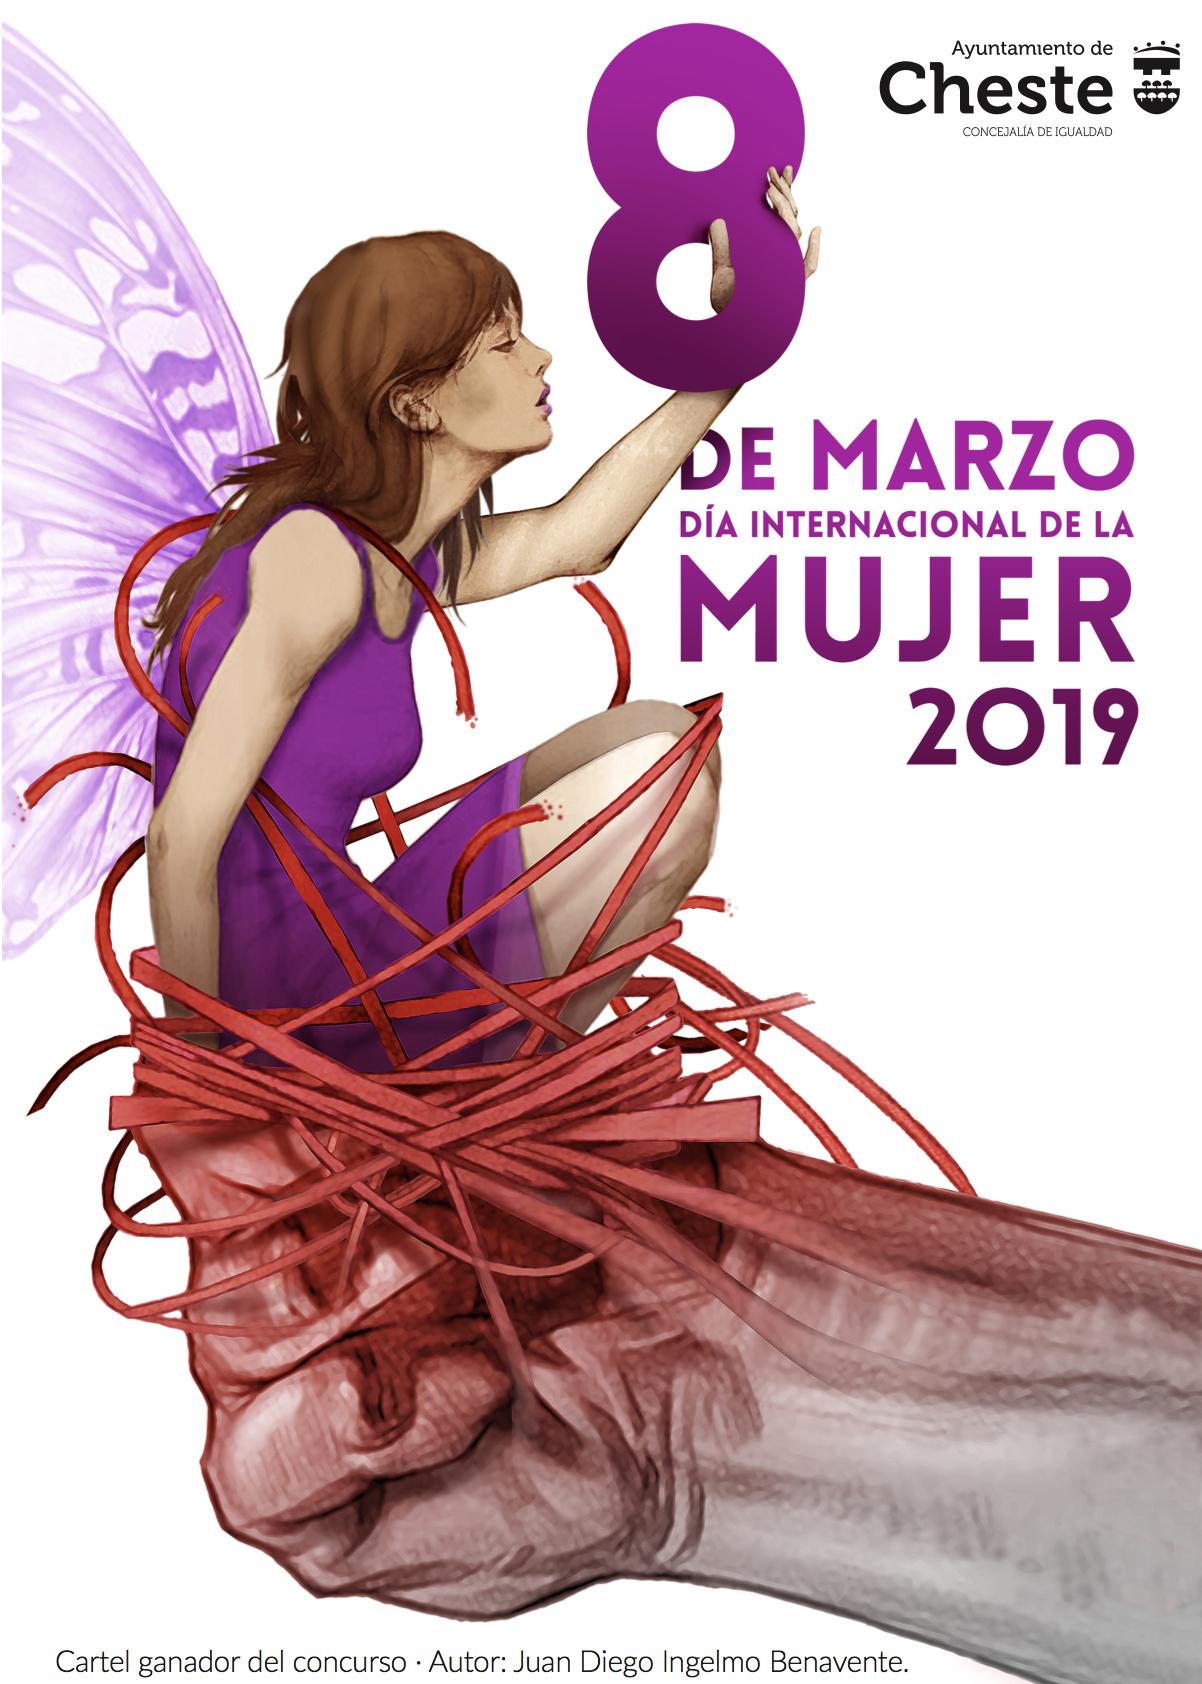 Ya está listo el programa de actos con motivo del Día Internacional de la Mujer en Cheste.